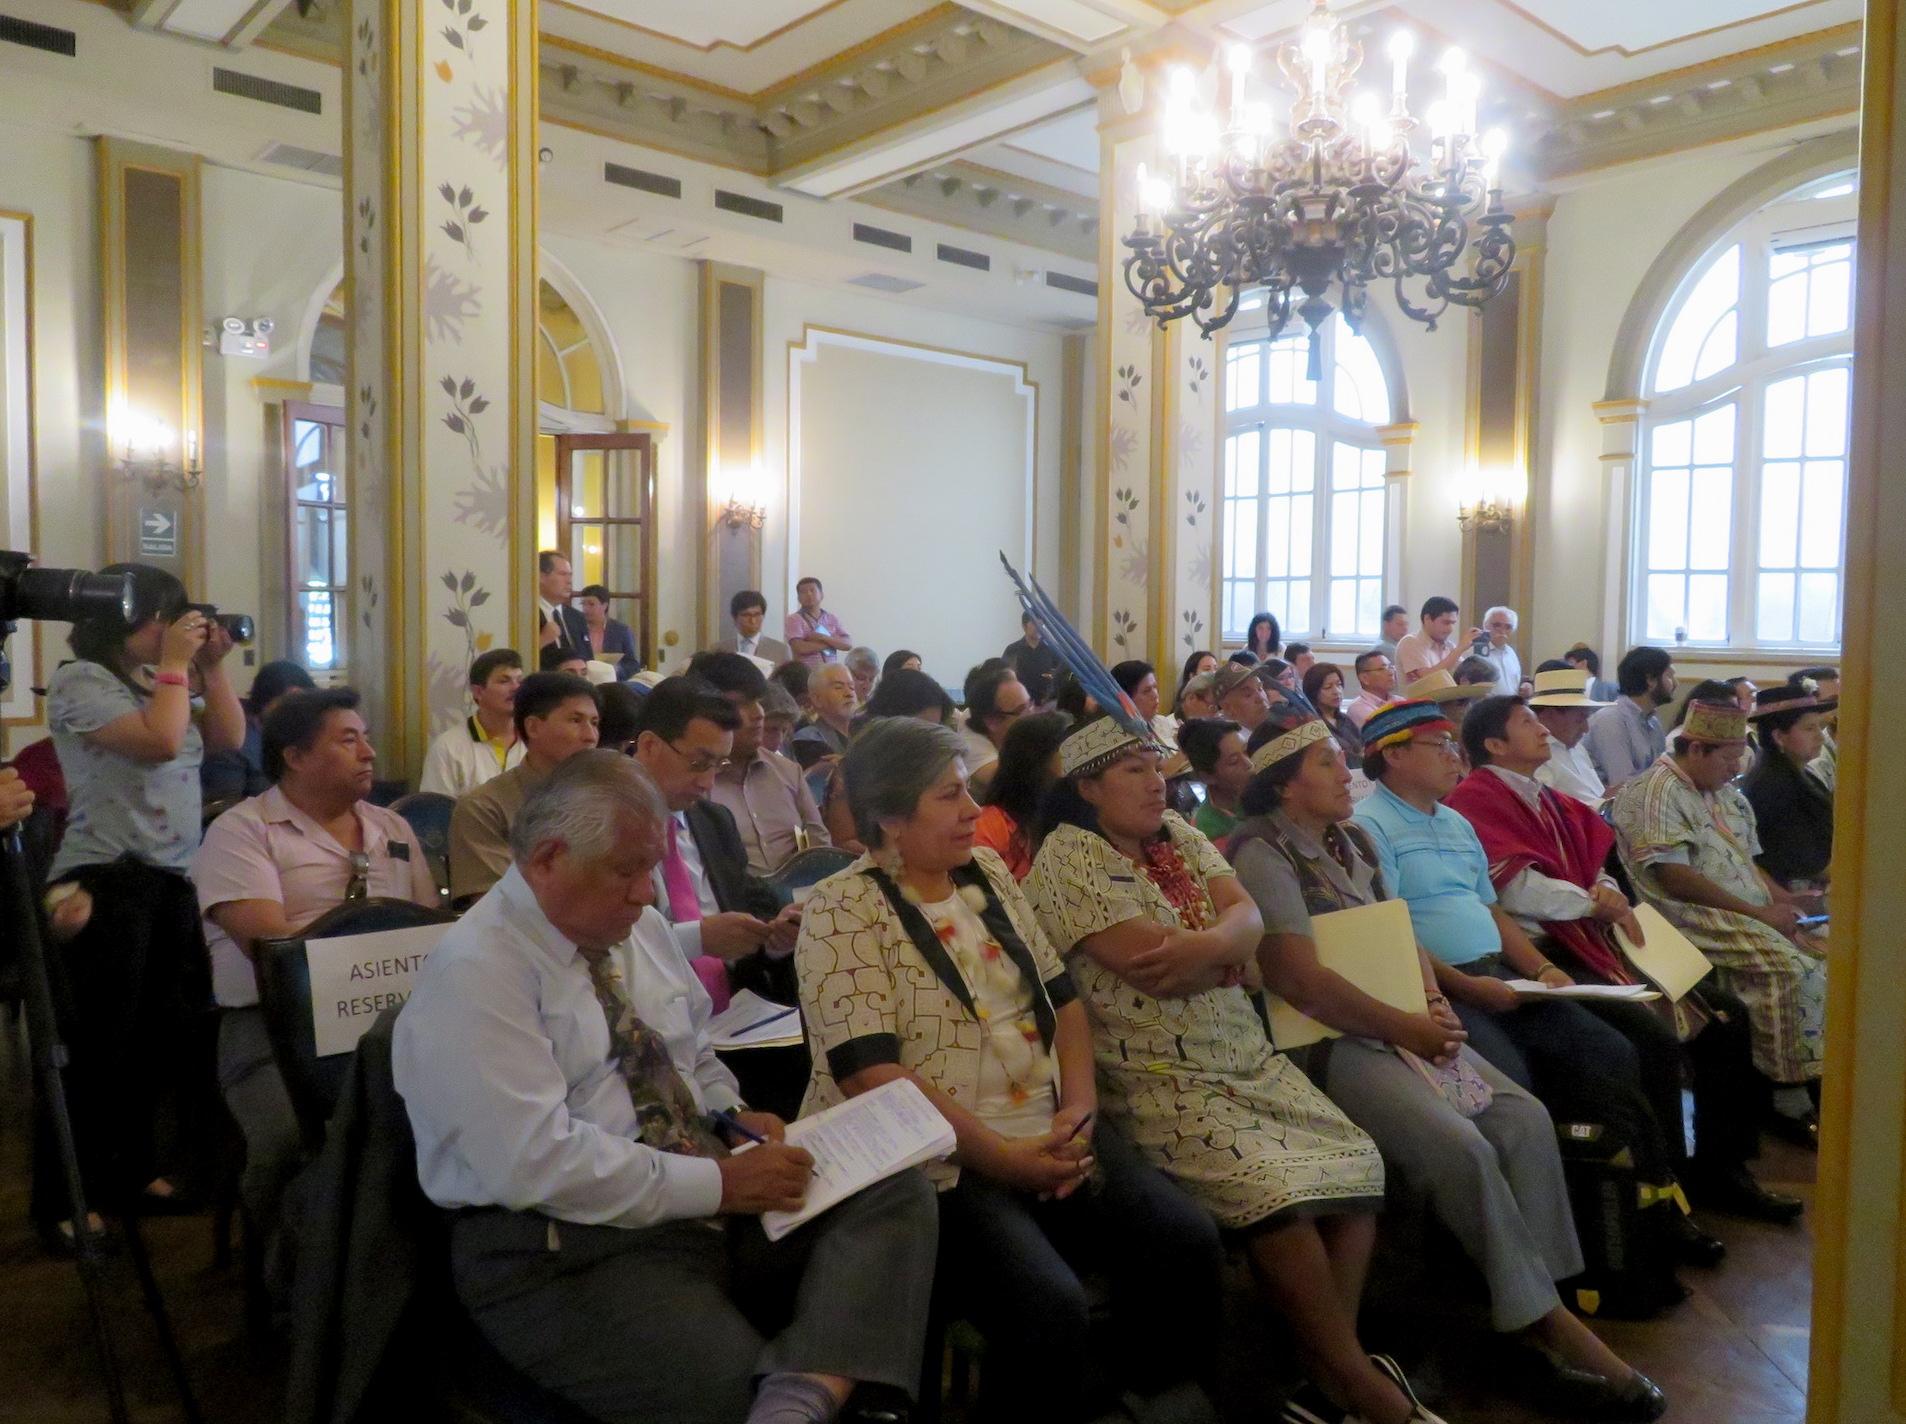 Representantes de comunidades indígenas de Perú se reunieron en audiencia pública. Foto: Yvette Sierra Praeli.